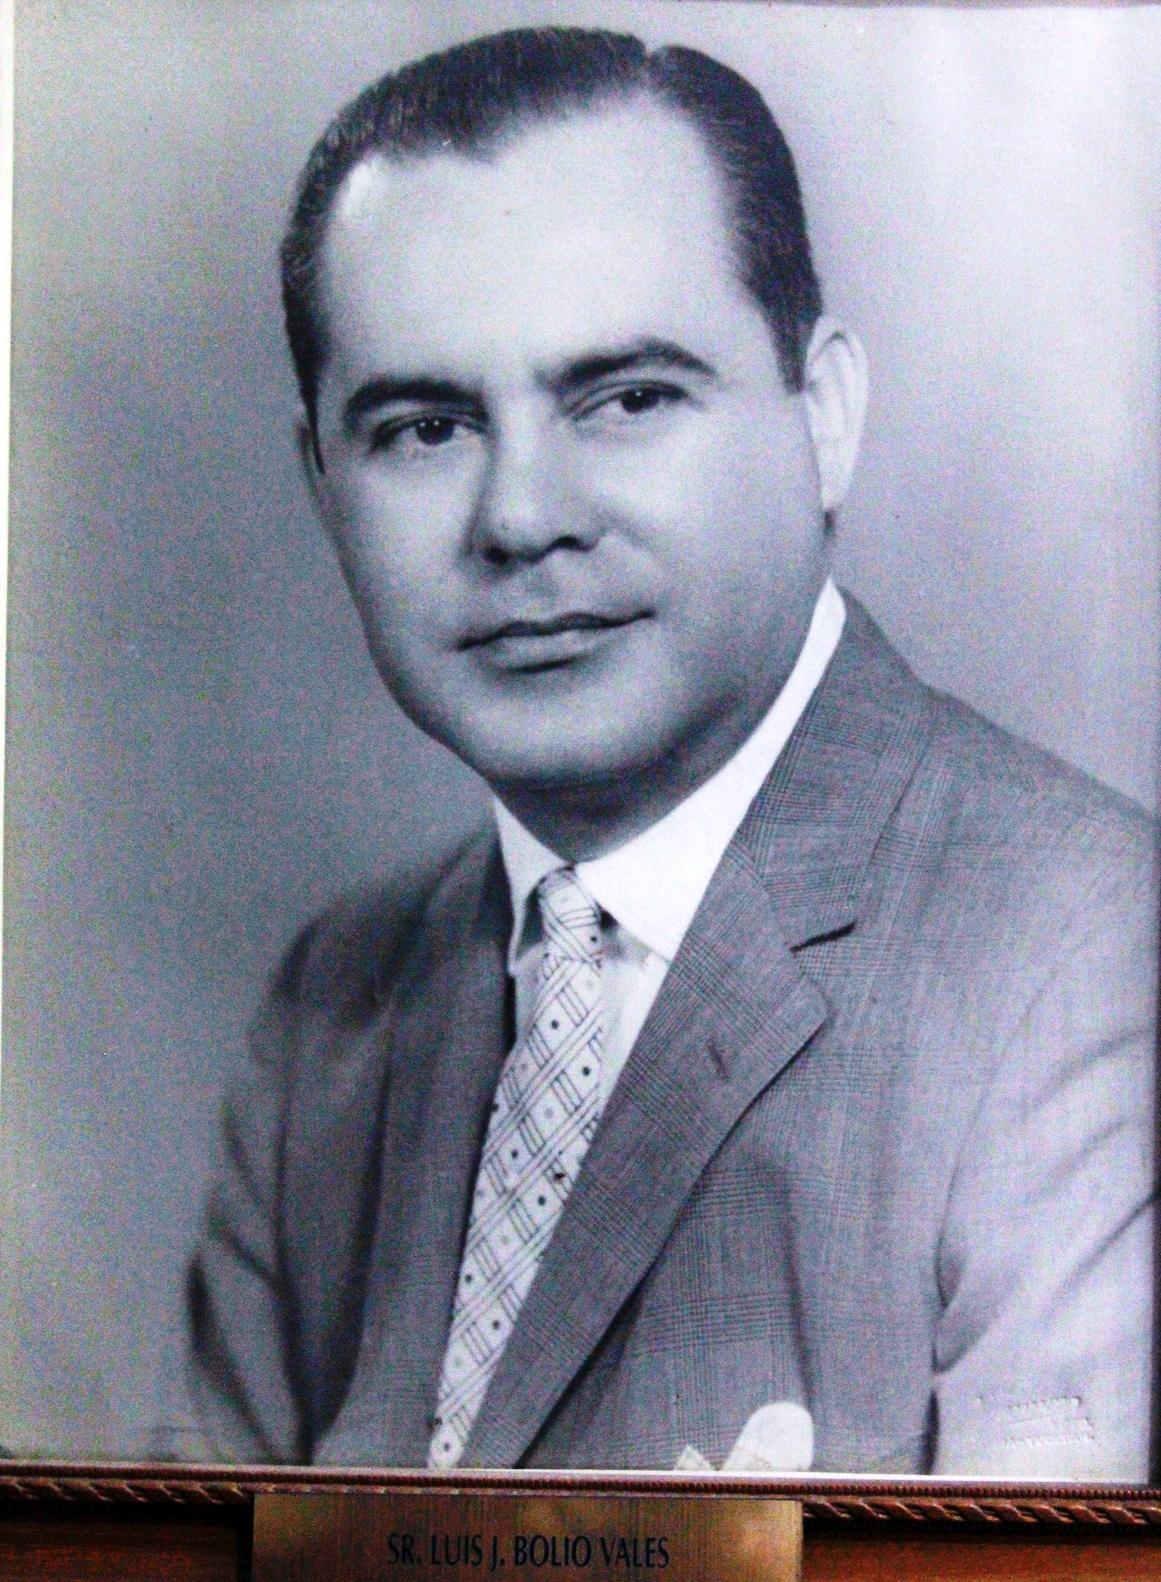 EMPRESARIO DISTINGUIDO SR. LUIS J. BOLIO VALES